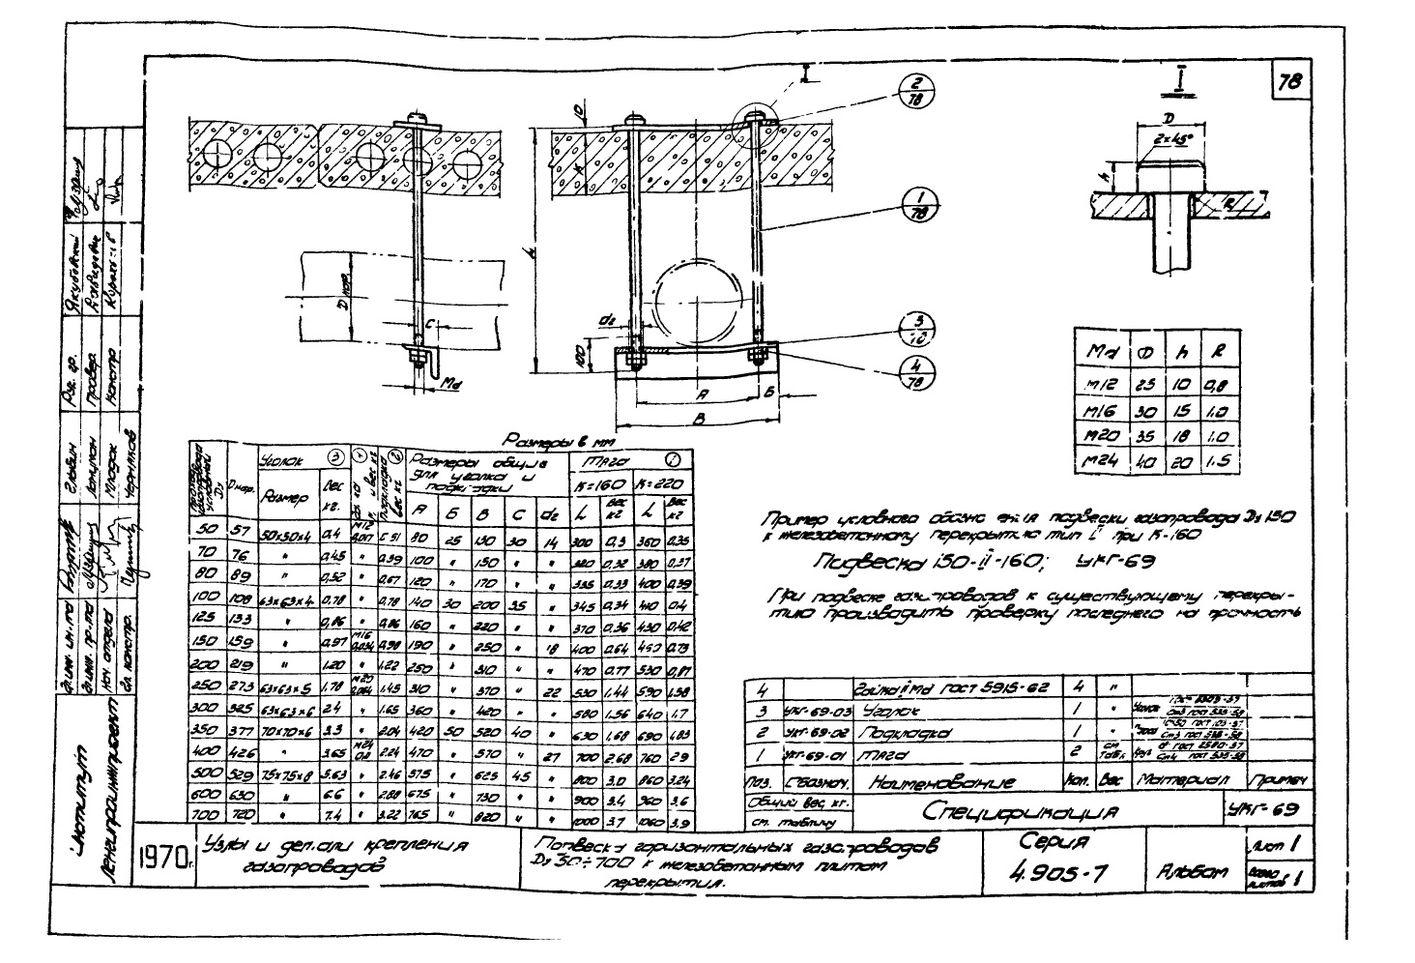 Подвеска горизонтальных газопроводов Ду50-700 к железобетонным плитам перекрытия УКГ-69 серия 4.905-7